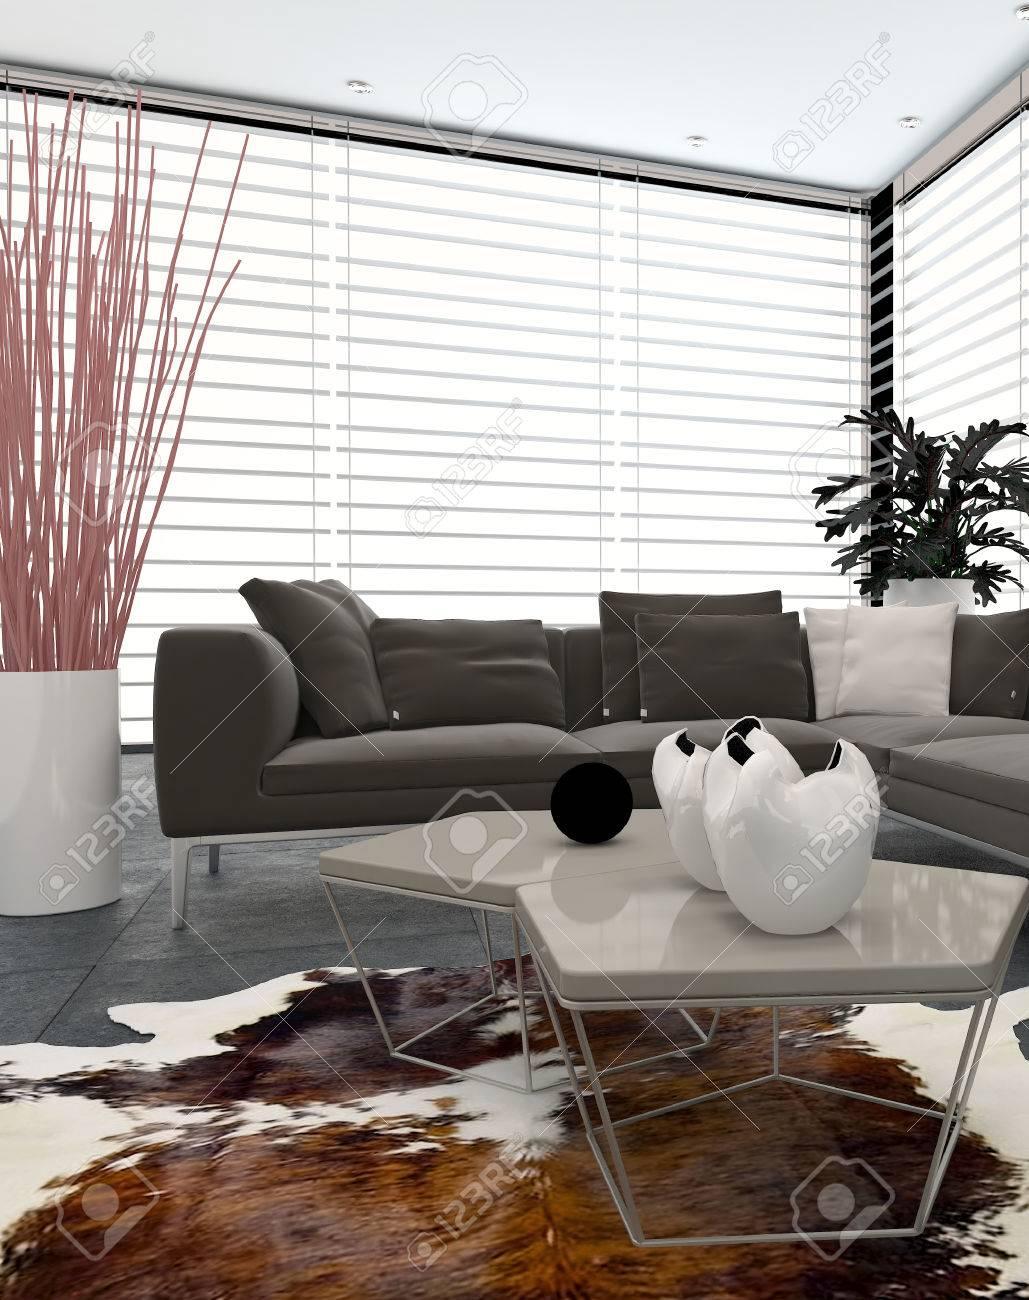 Moderne Wohnzimmer Innenraum Mit Großen Fenstern, Die Zwei Wände ...